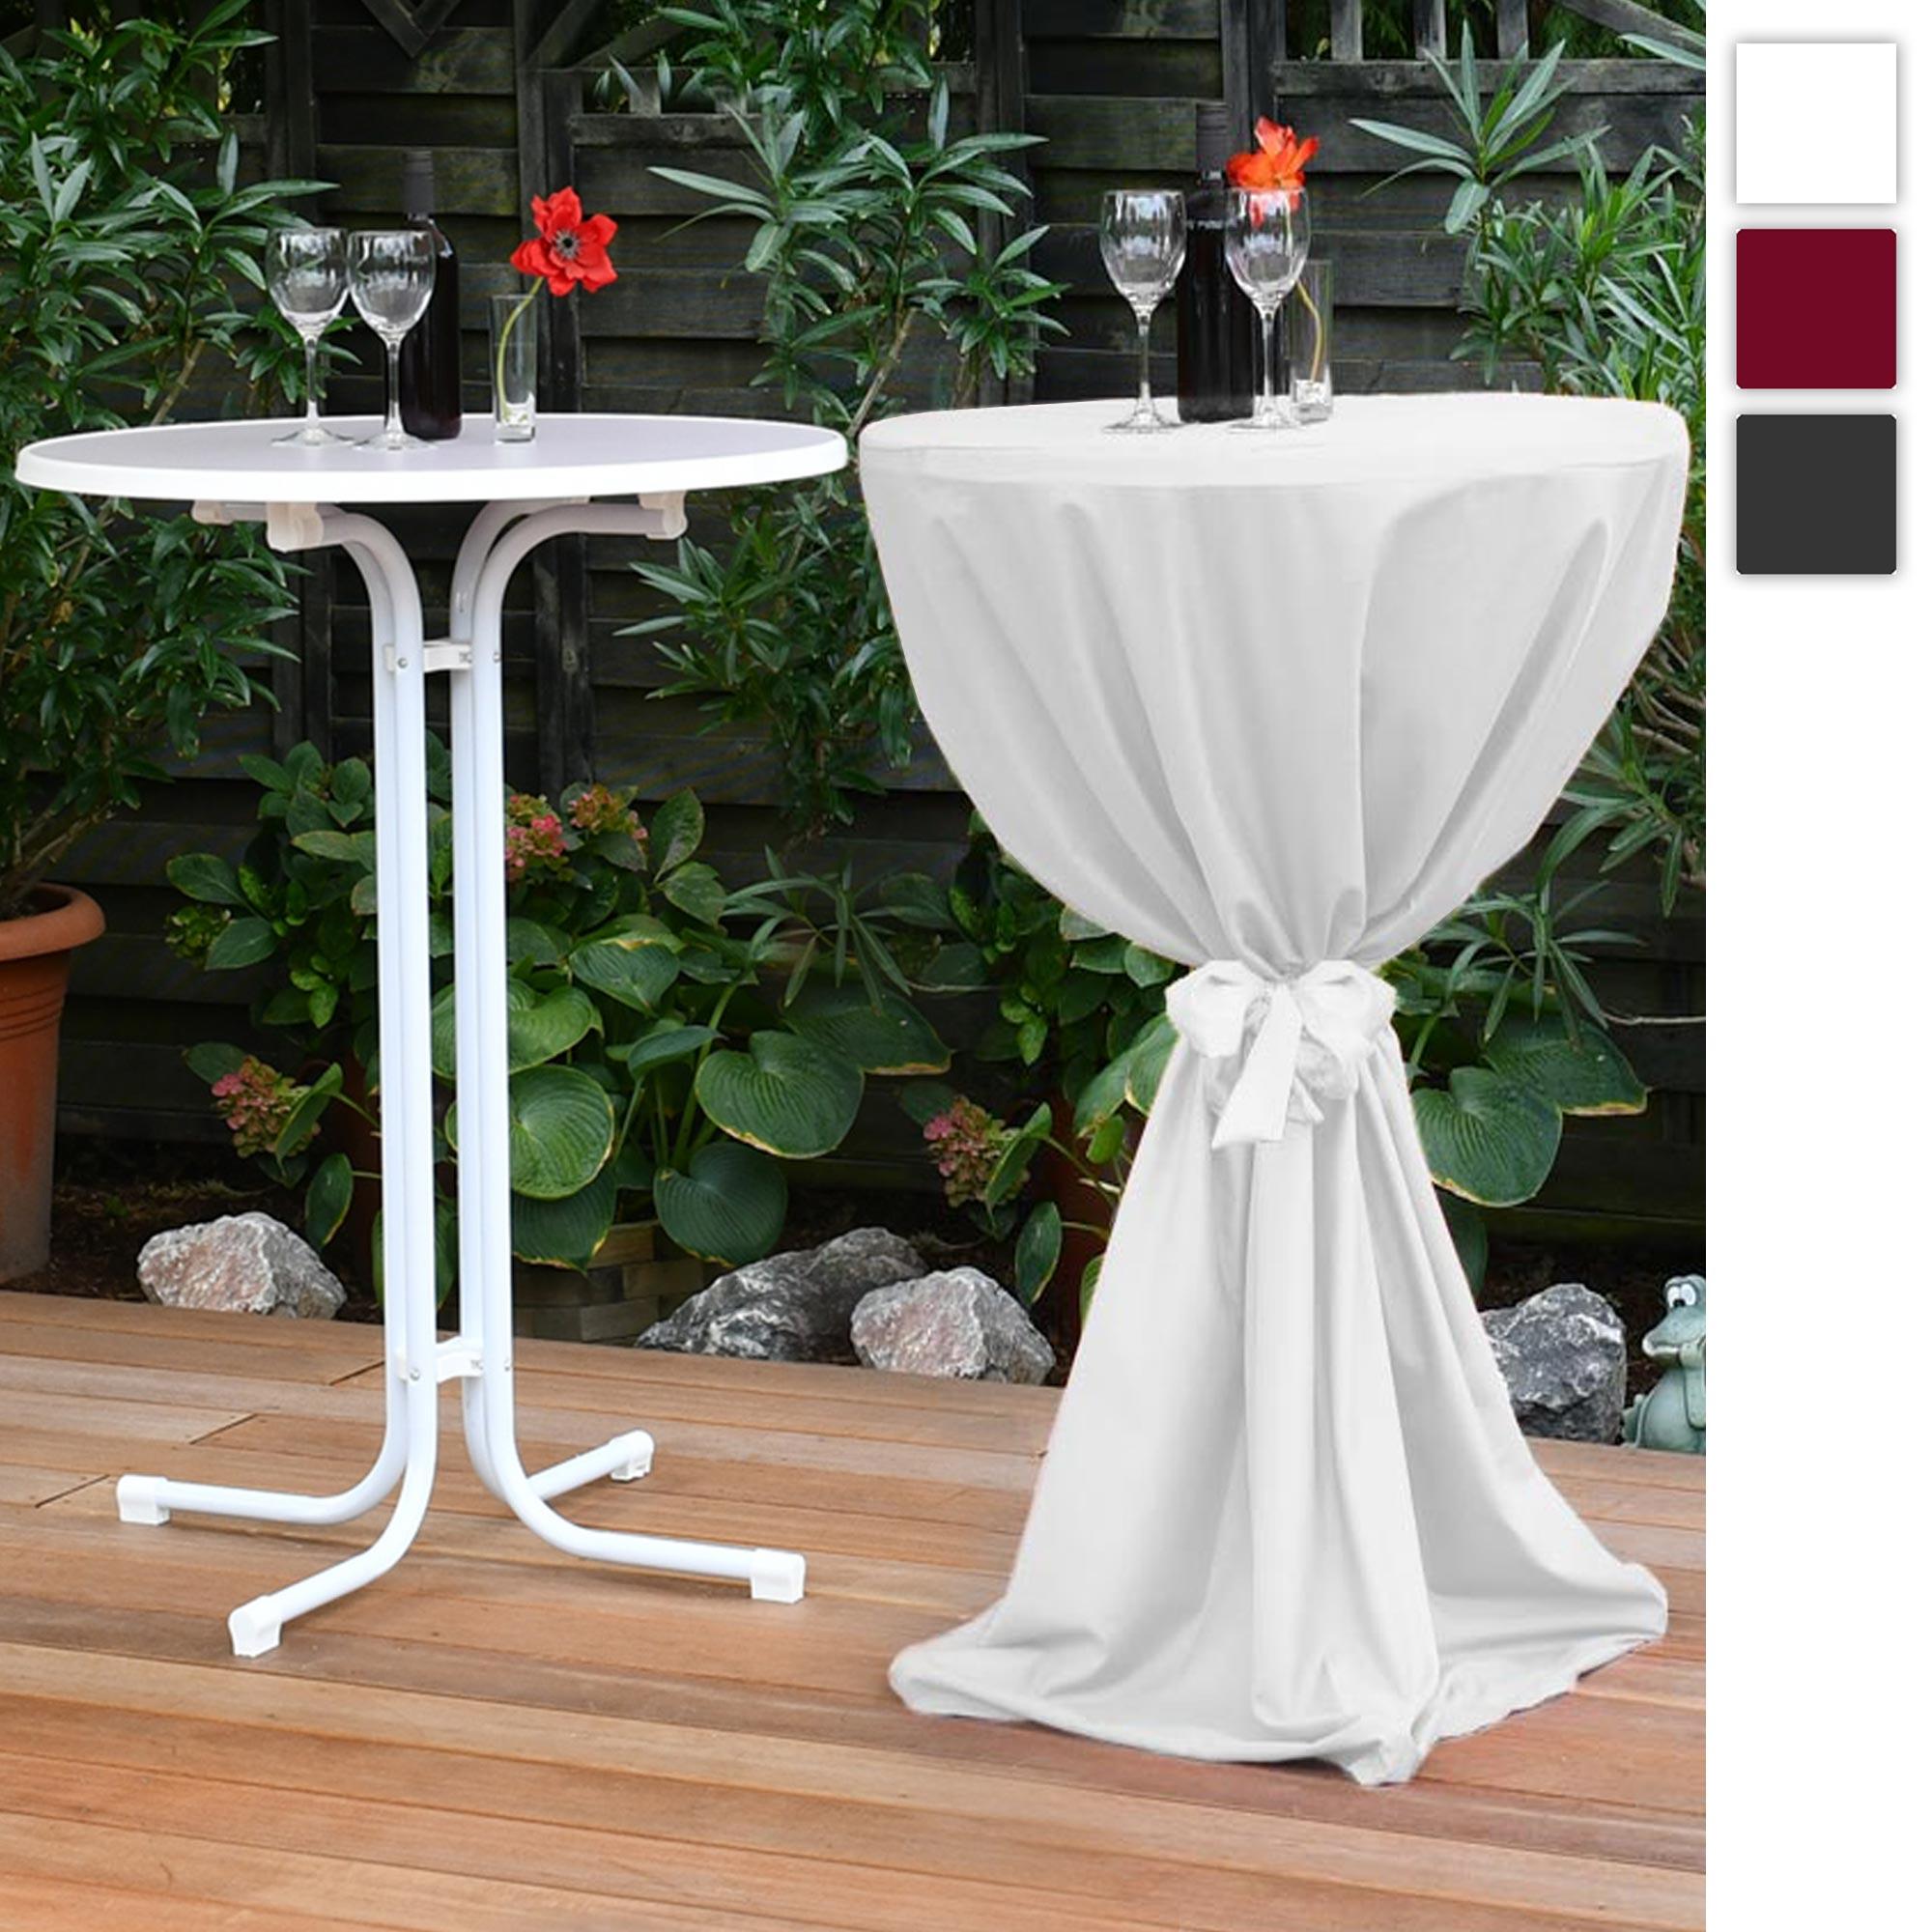 Beautissu Set Sylt Stehtisch weiß inkl. Stehtischhusse Giulia Ø70 oder 80cm